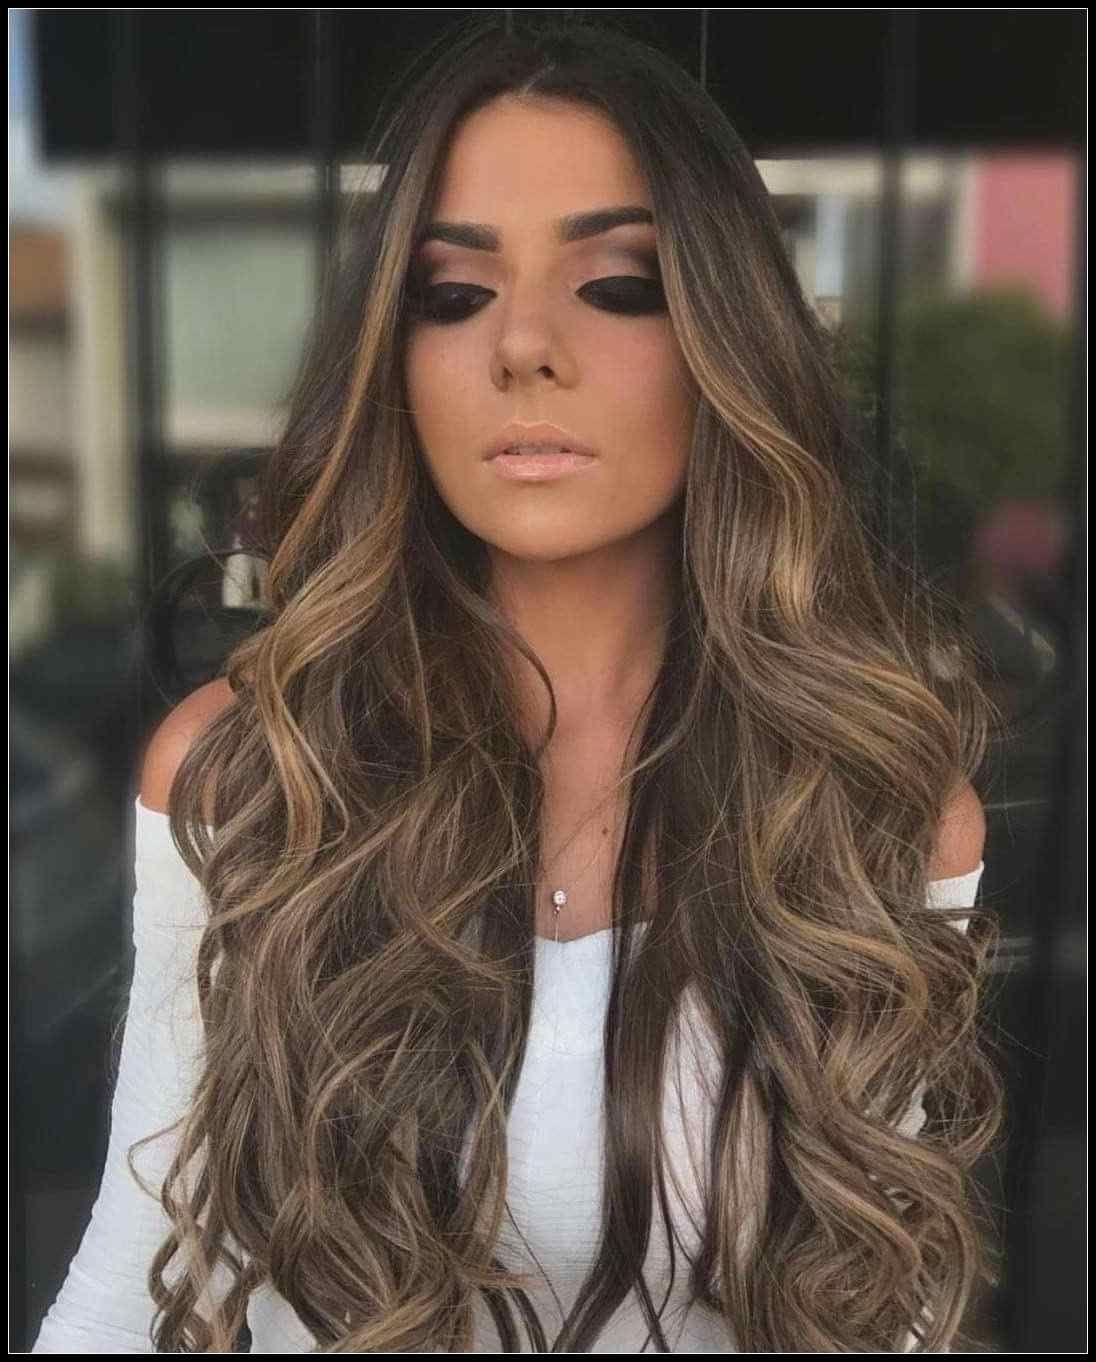 Neues Frisuren Dunkle Haare  Frauen Stile  Frisuren Tutorials